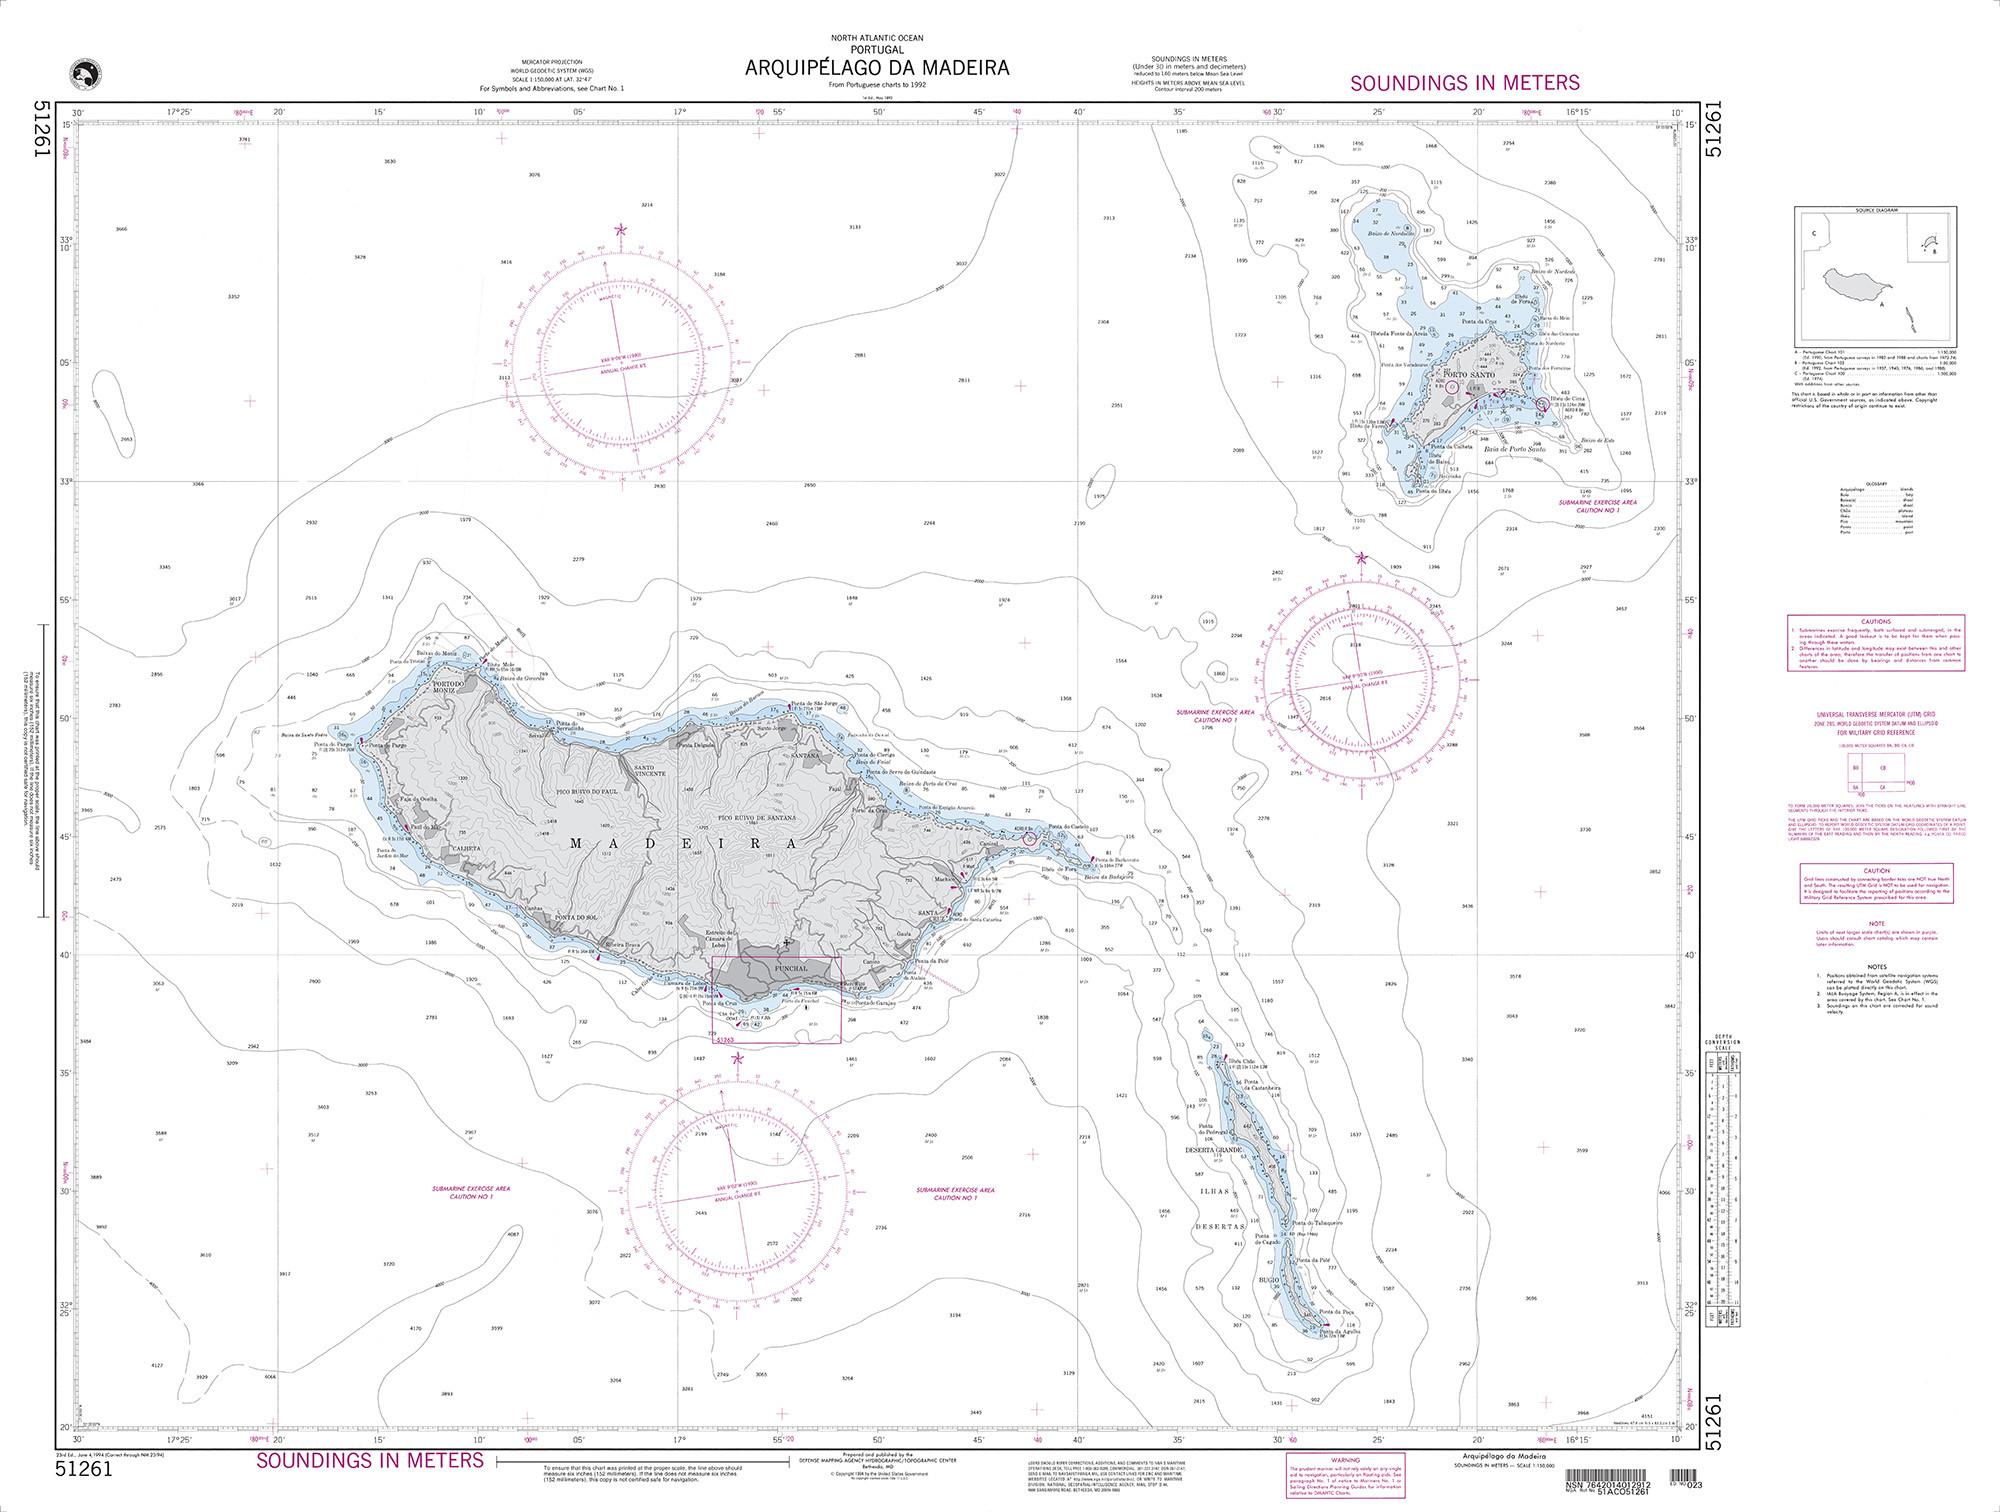 NGA Nautical Chart - 51261 Arquipelago da Madeira